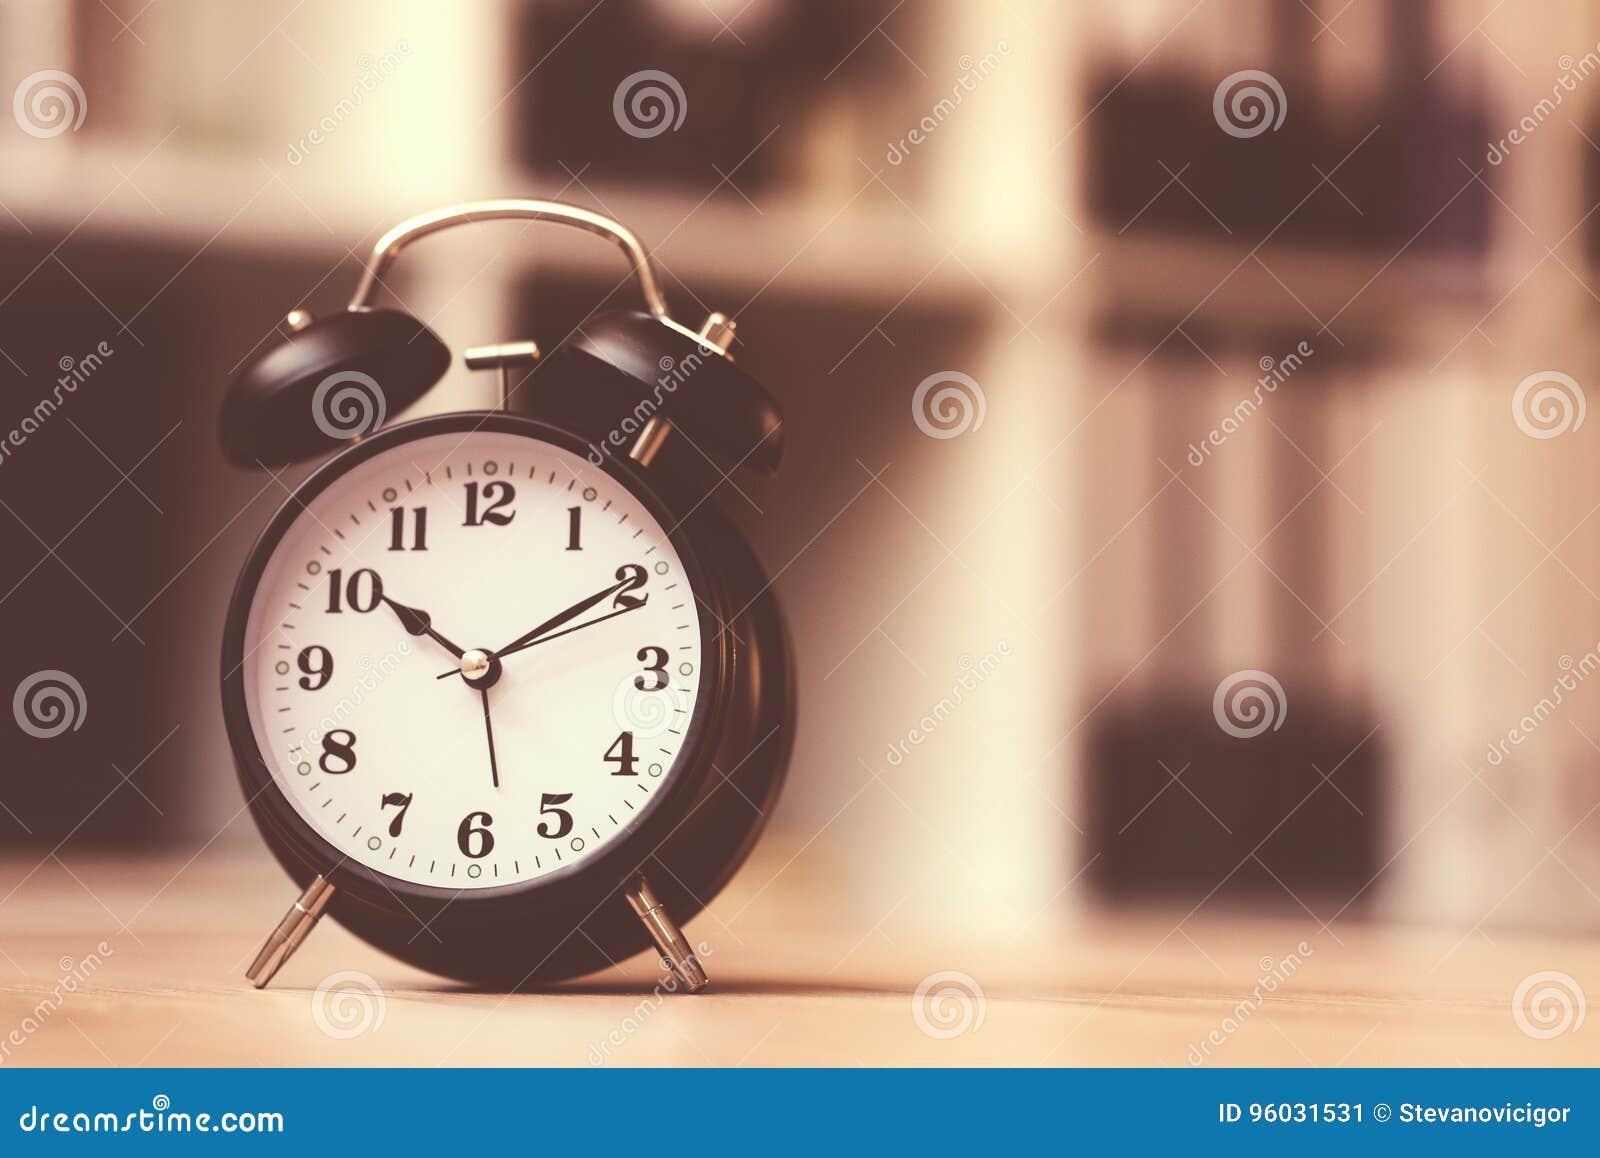 Klasyczny budzik pokazuje czas podczas godzin pracujących w biurze